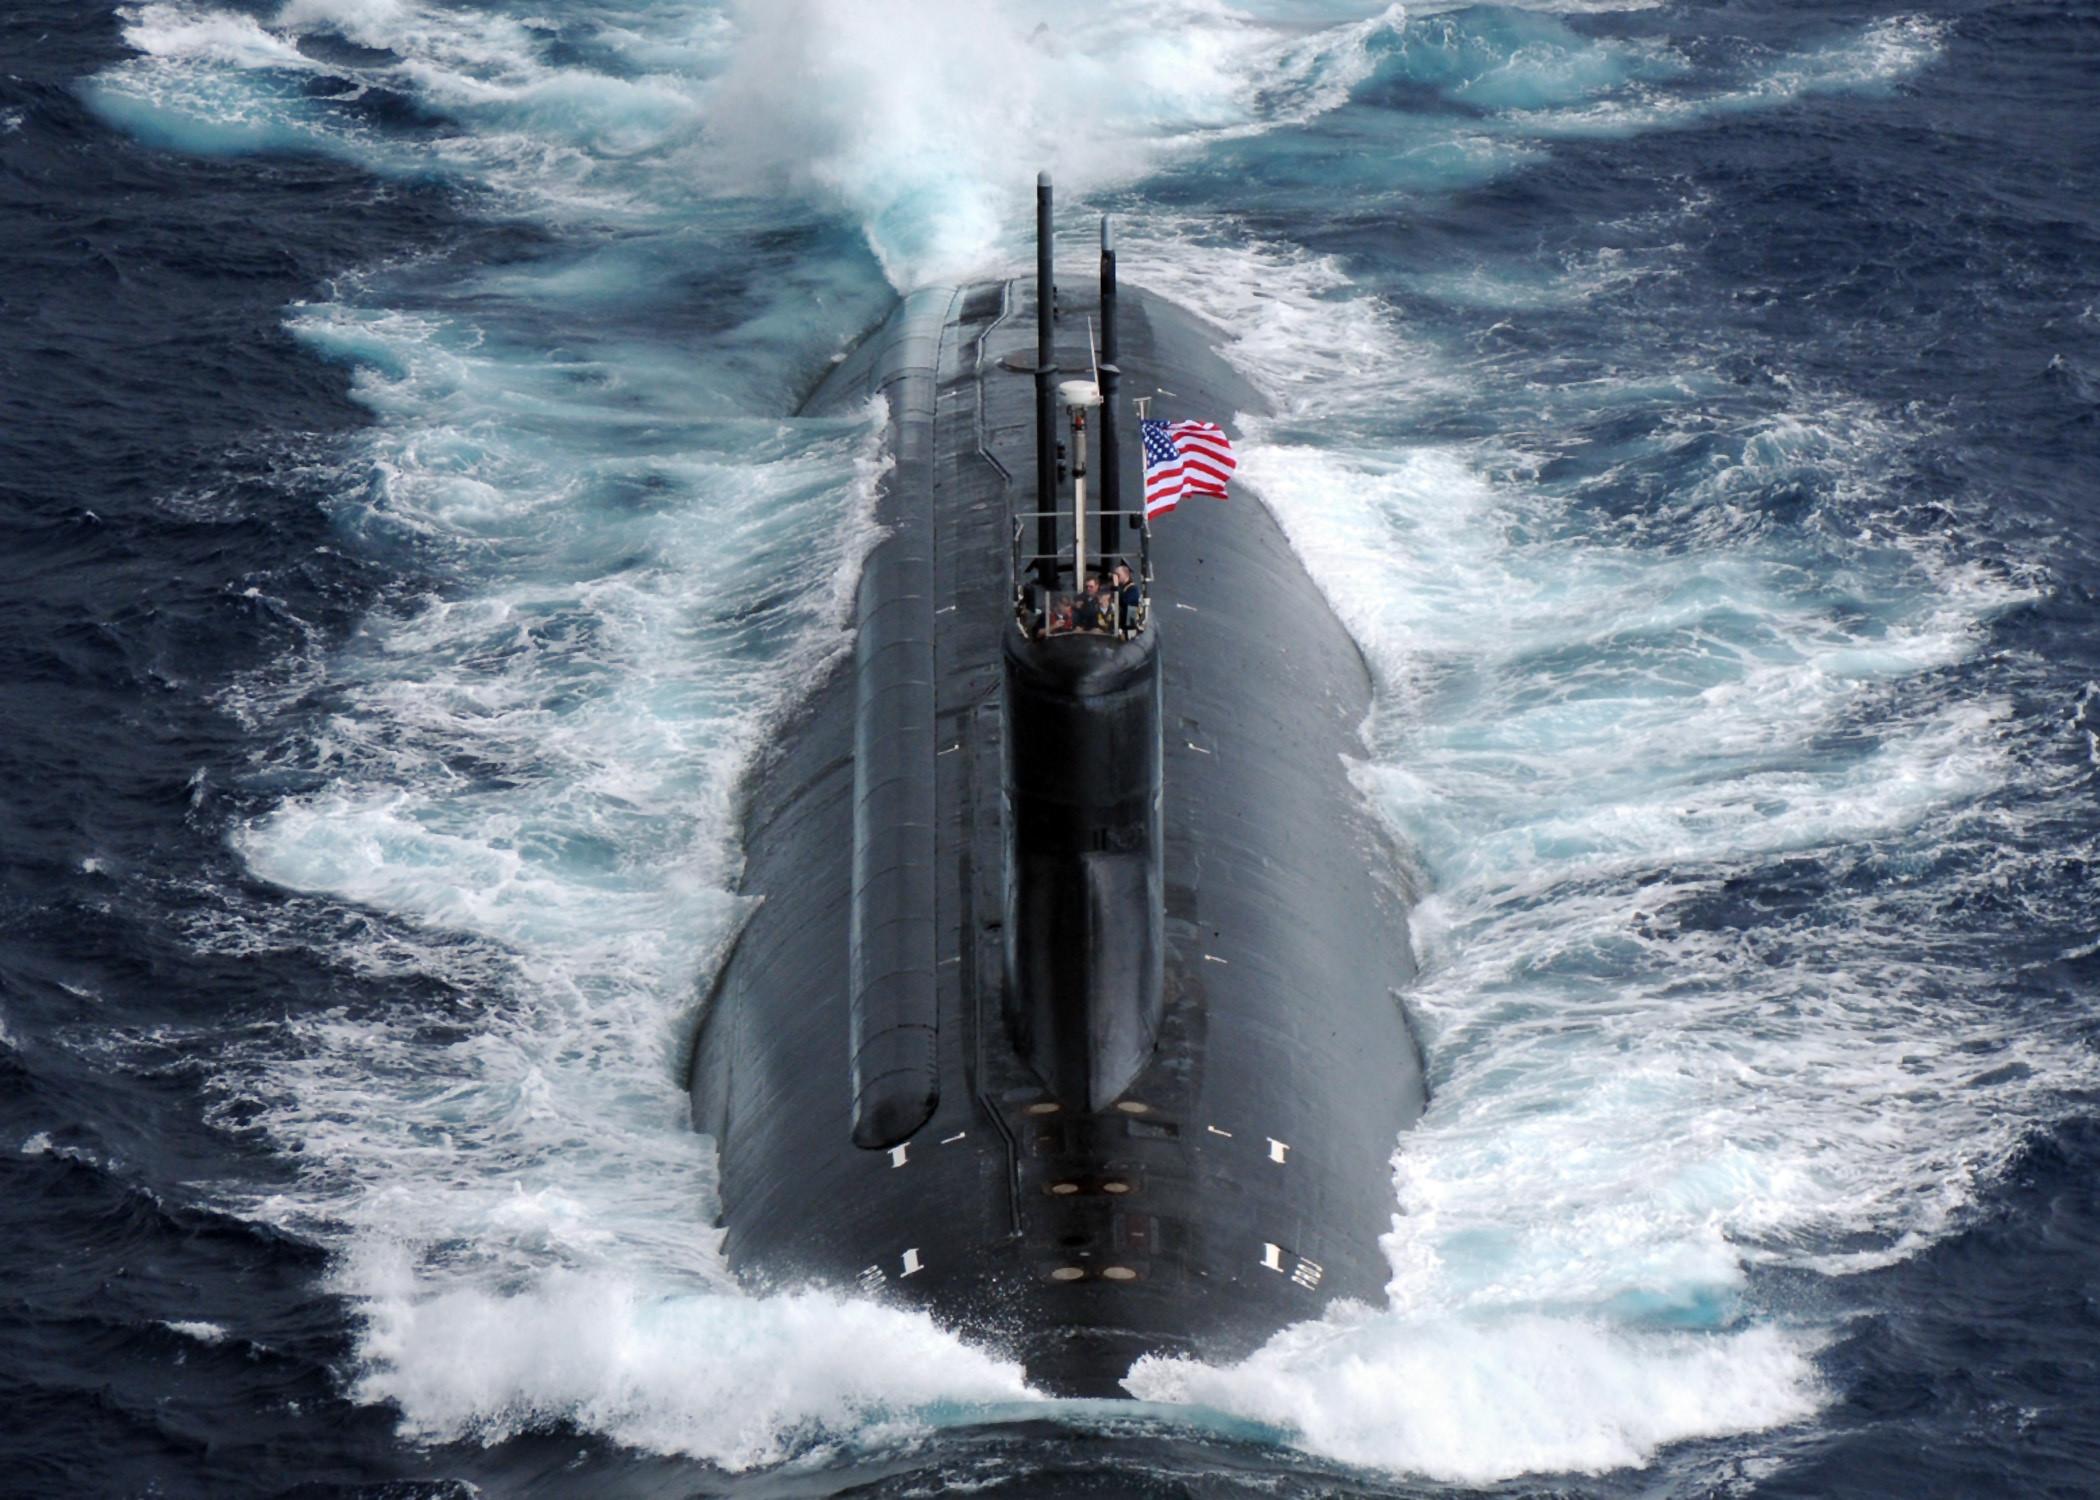 海狼級,康乃狄克號,潛艦,核動力,舊金山號,SSN-711,日本,蒼龍級,超大型水下無人載具,魚雷,海上養殖,關島,美國